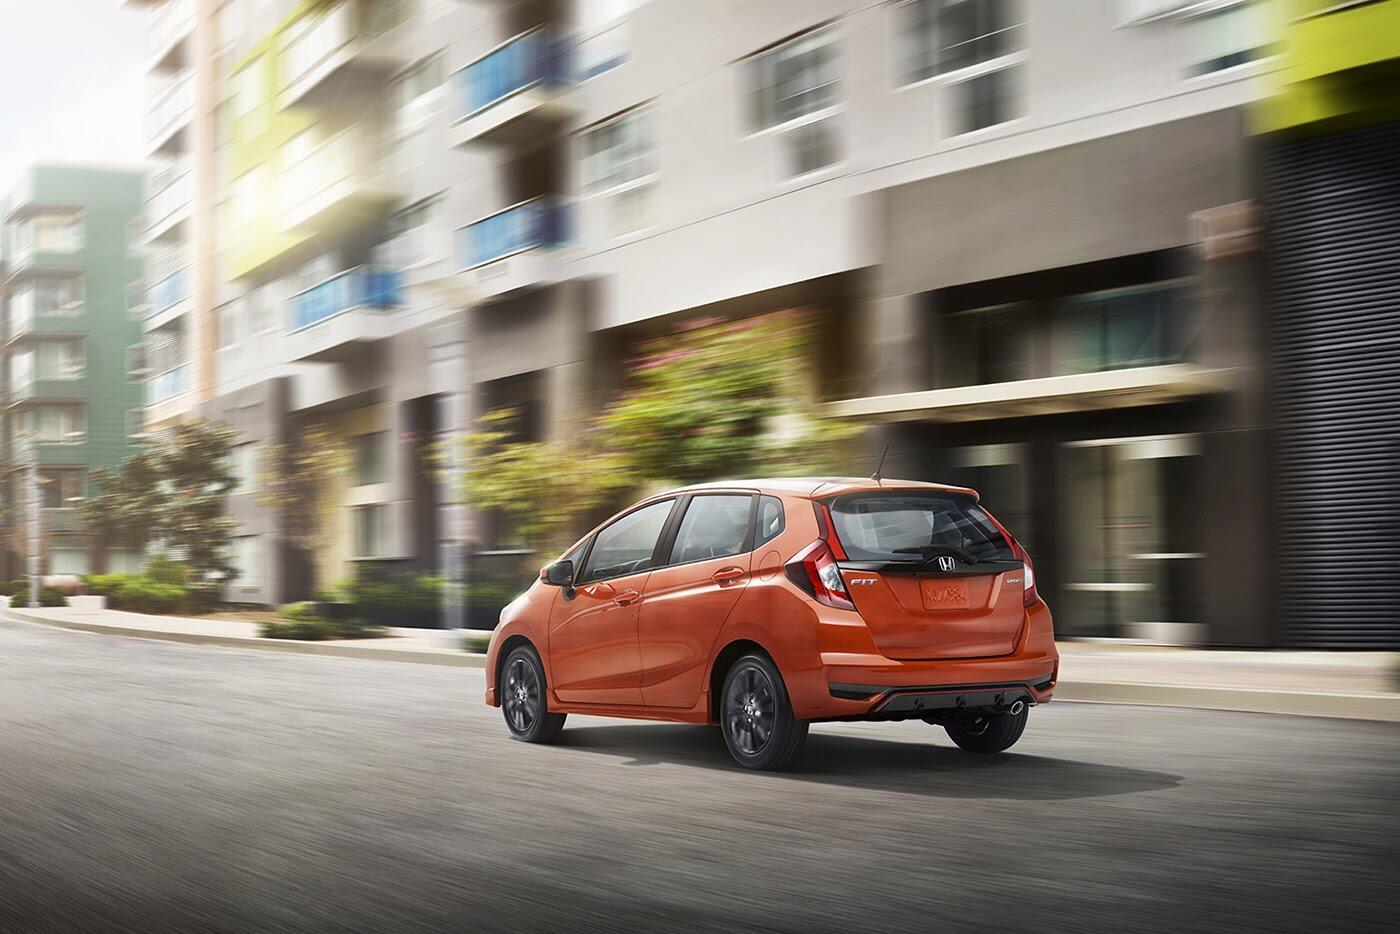 Lộ diện Honda Fit 2018 với thiết kế mới - Hình 4